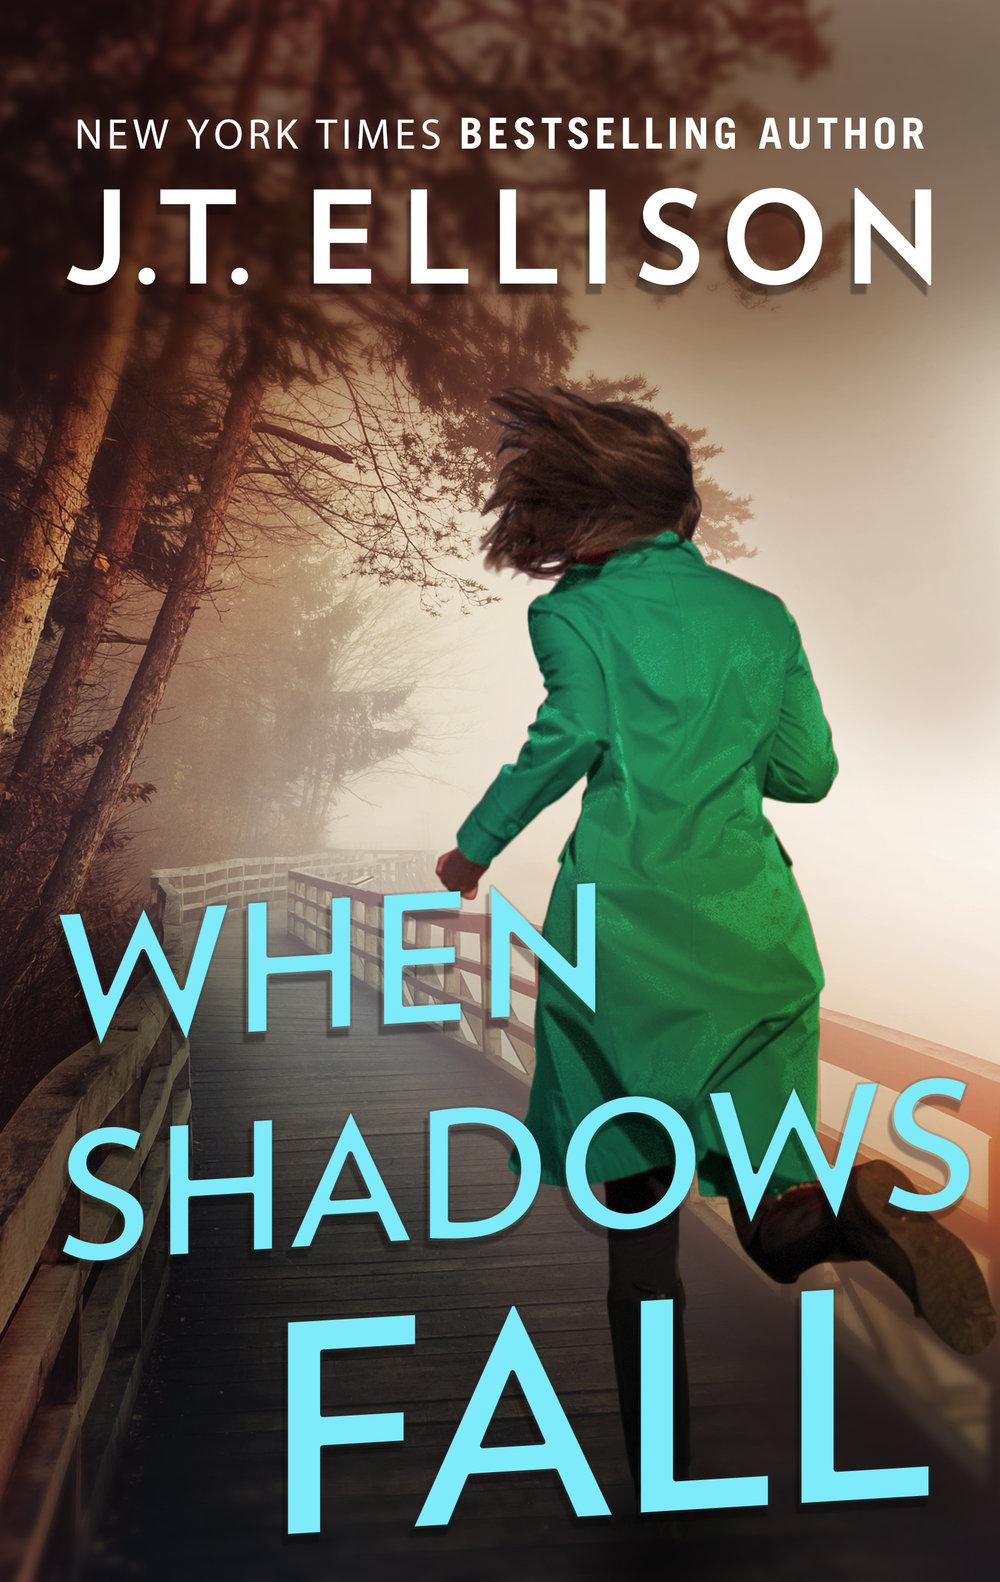 #3: When Shadows Fall